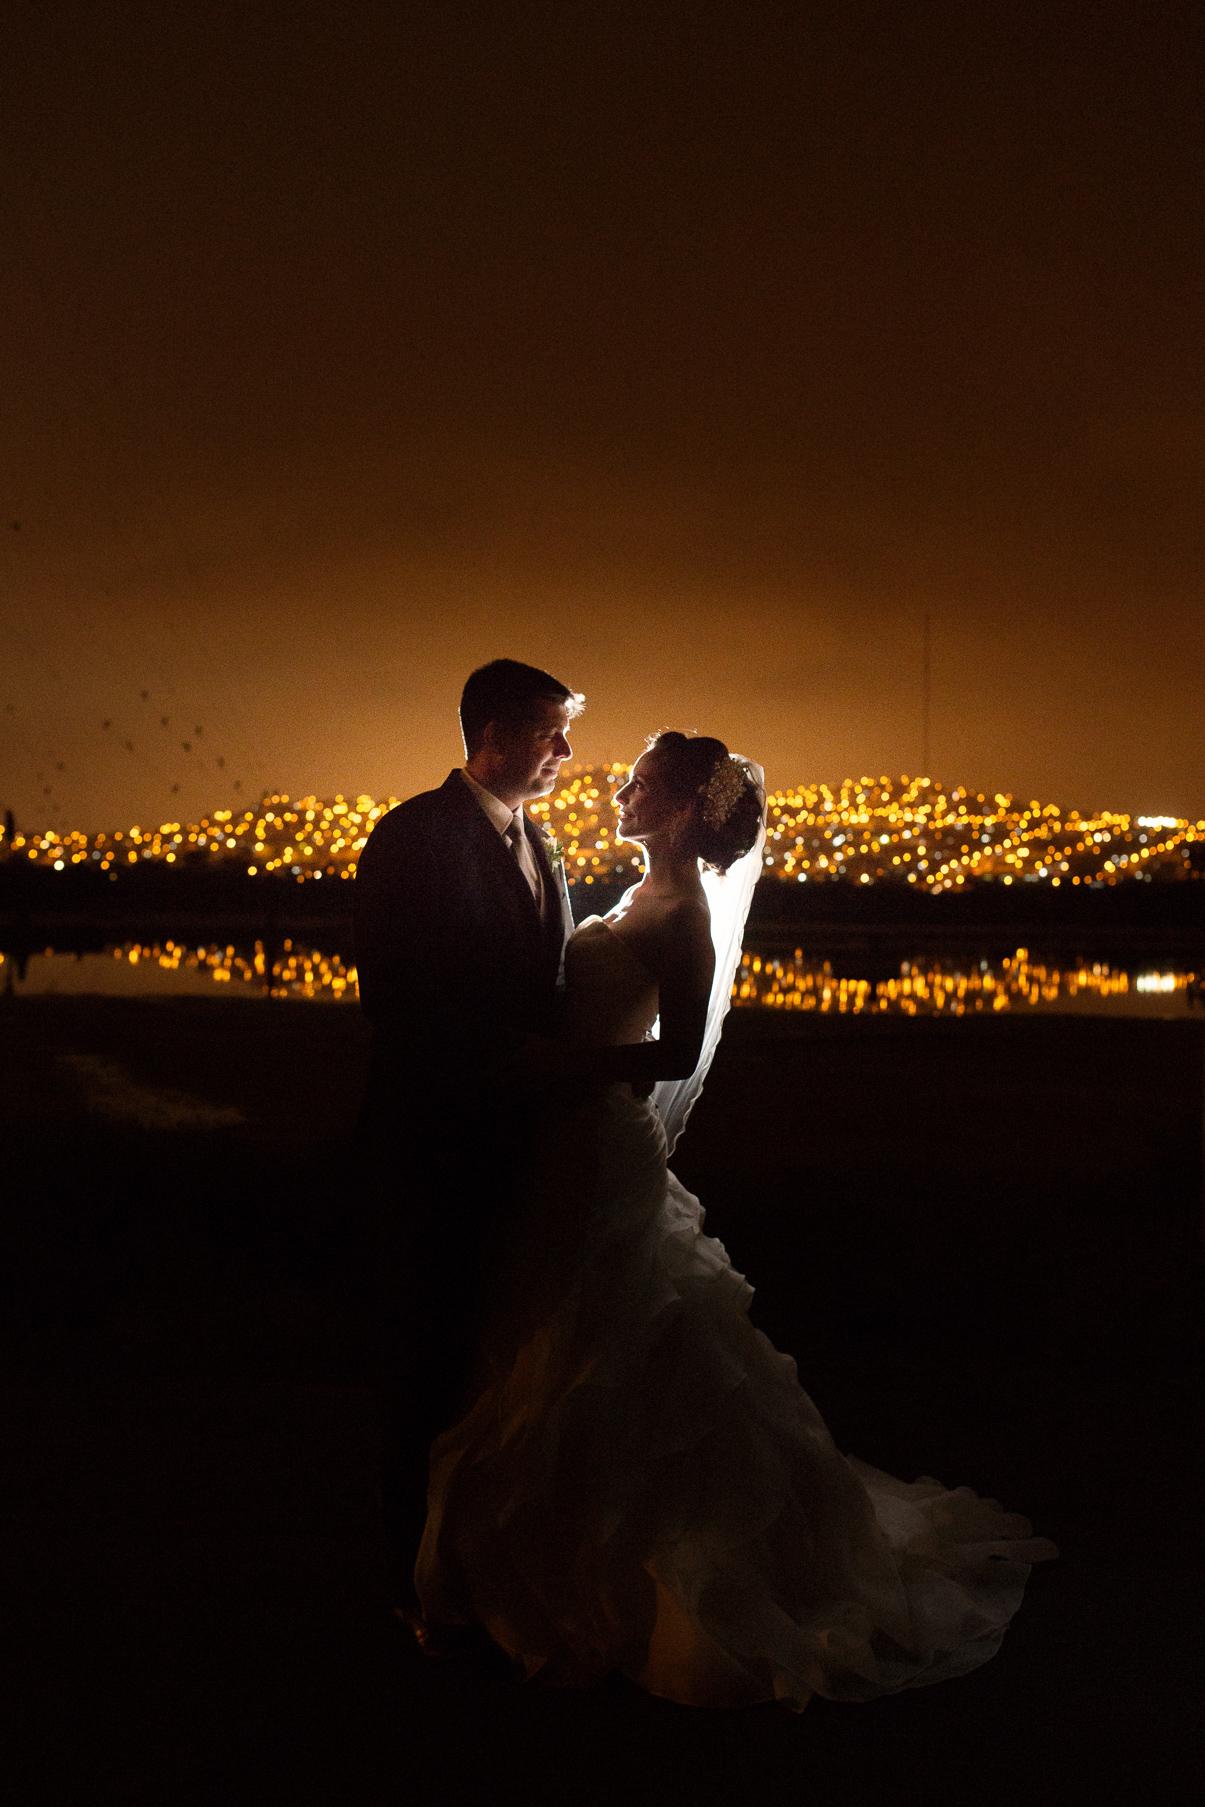 My Epic Wedding - El paquete que cubre tu día. Tiene una cobertura de 12 horas. 500 a 600 fotos en la entrega final. Galería online por 3 meses.Precio: 1500 USD